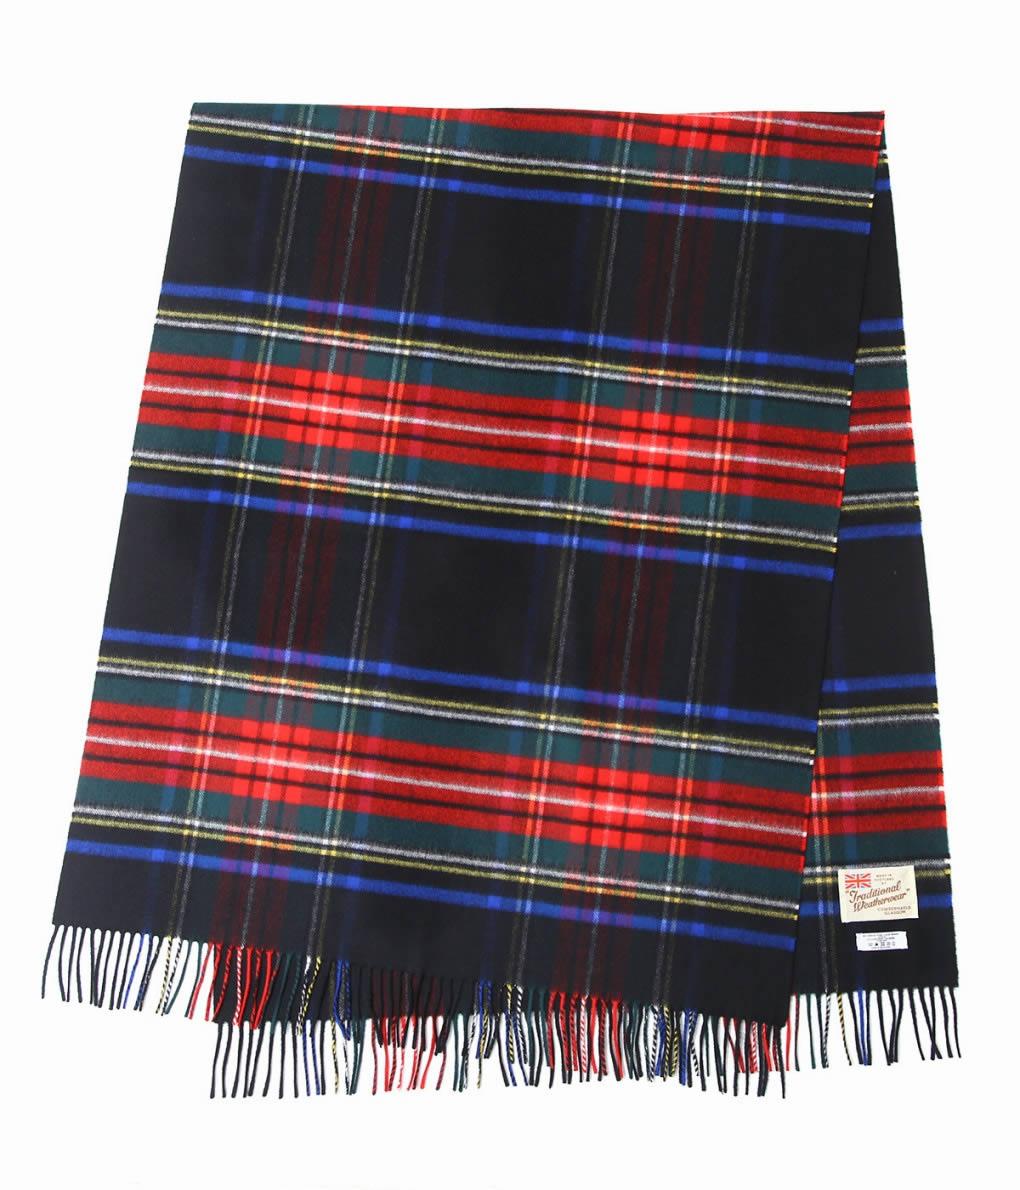 Traditional Weather Wear / トラディショナルウェザーウェア : BLANKET MUFFLER C/W : ブランケット マフラー タータンチェック カシミヤ : A182JGGO0144【ANN】